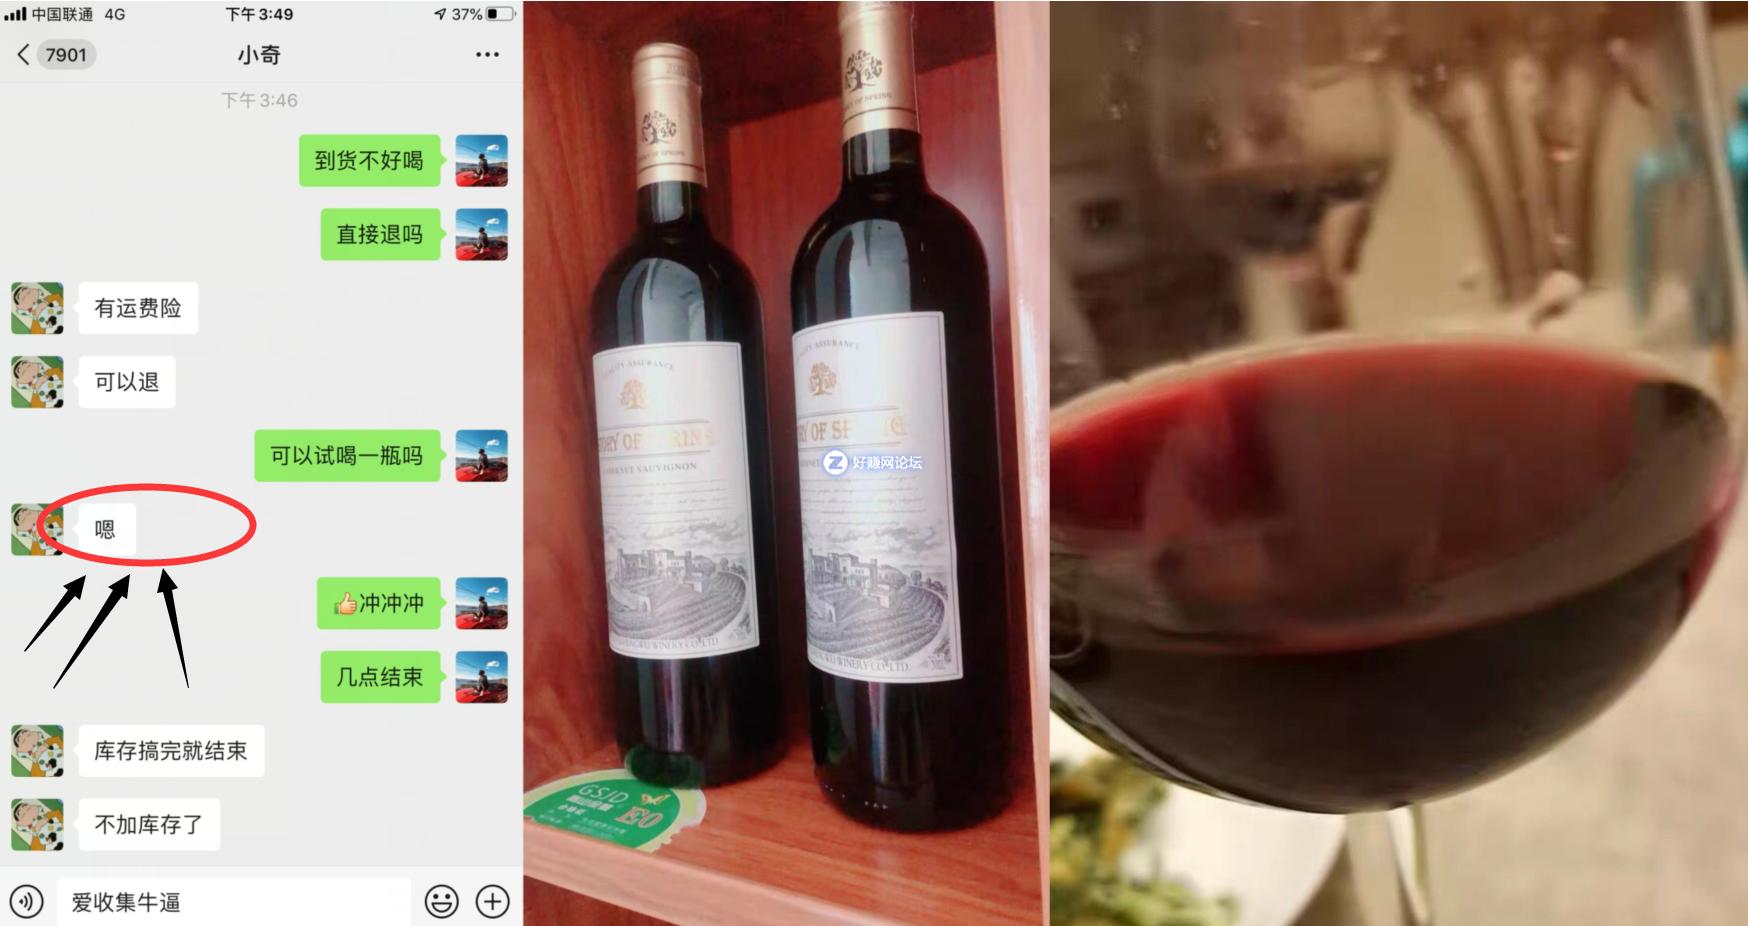 高端品质!!神价撸!   19.9=法国进口葡萄酒2瓶